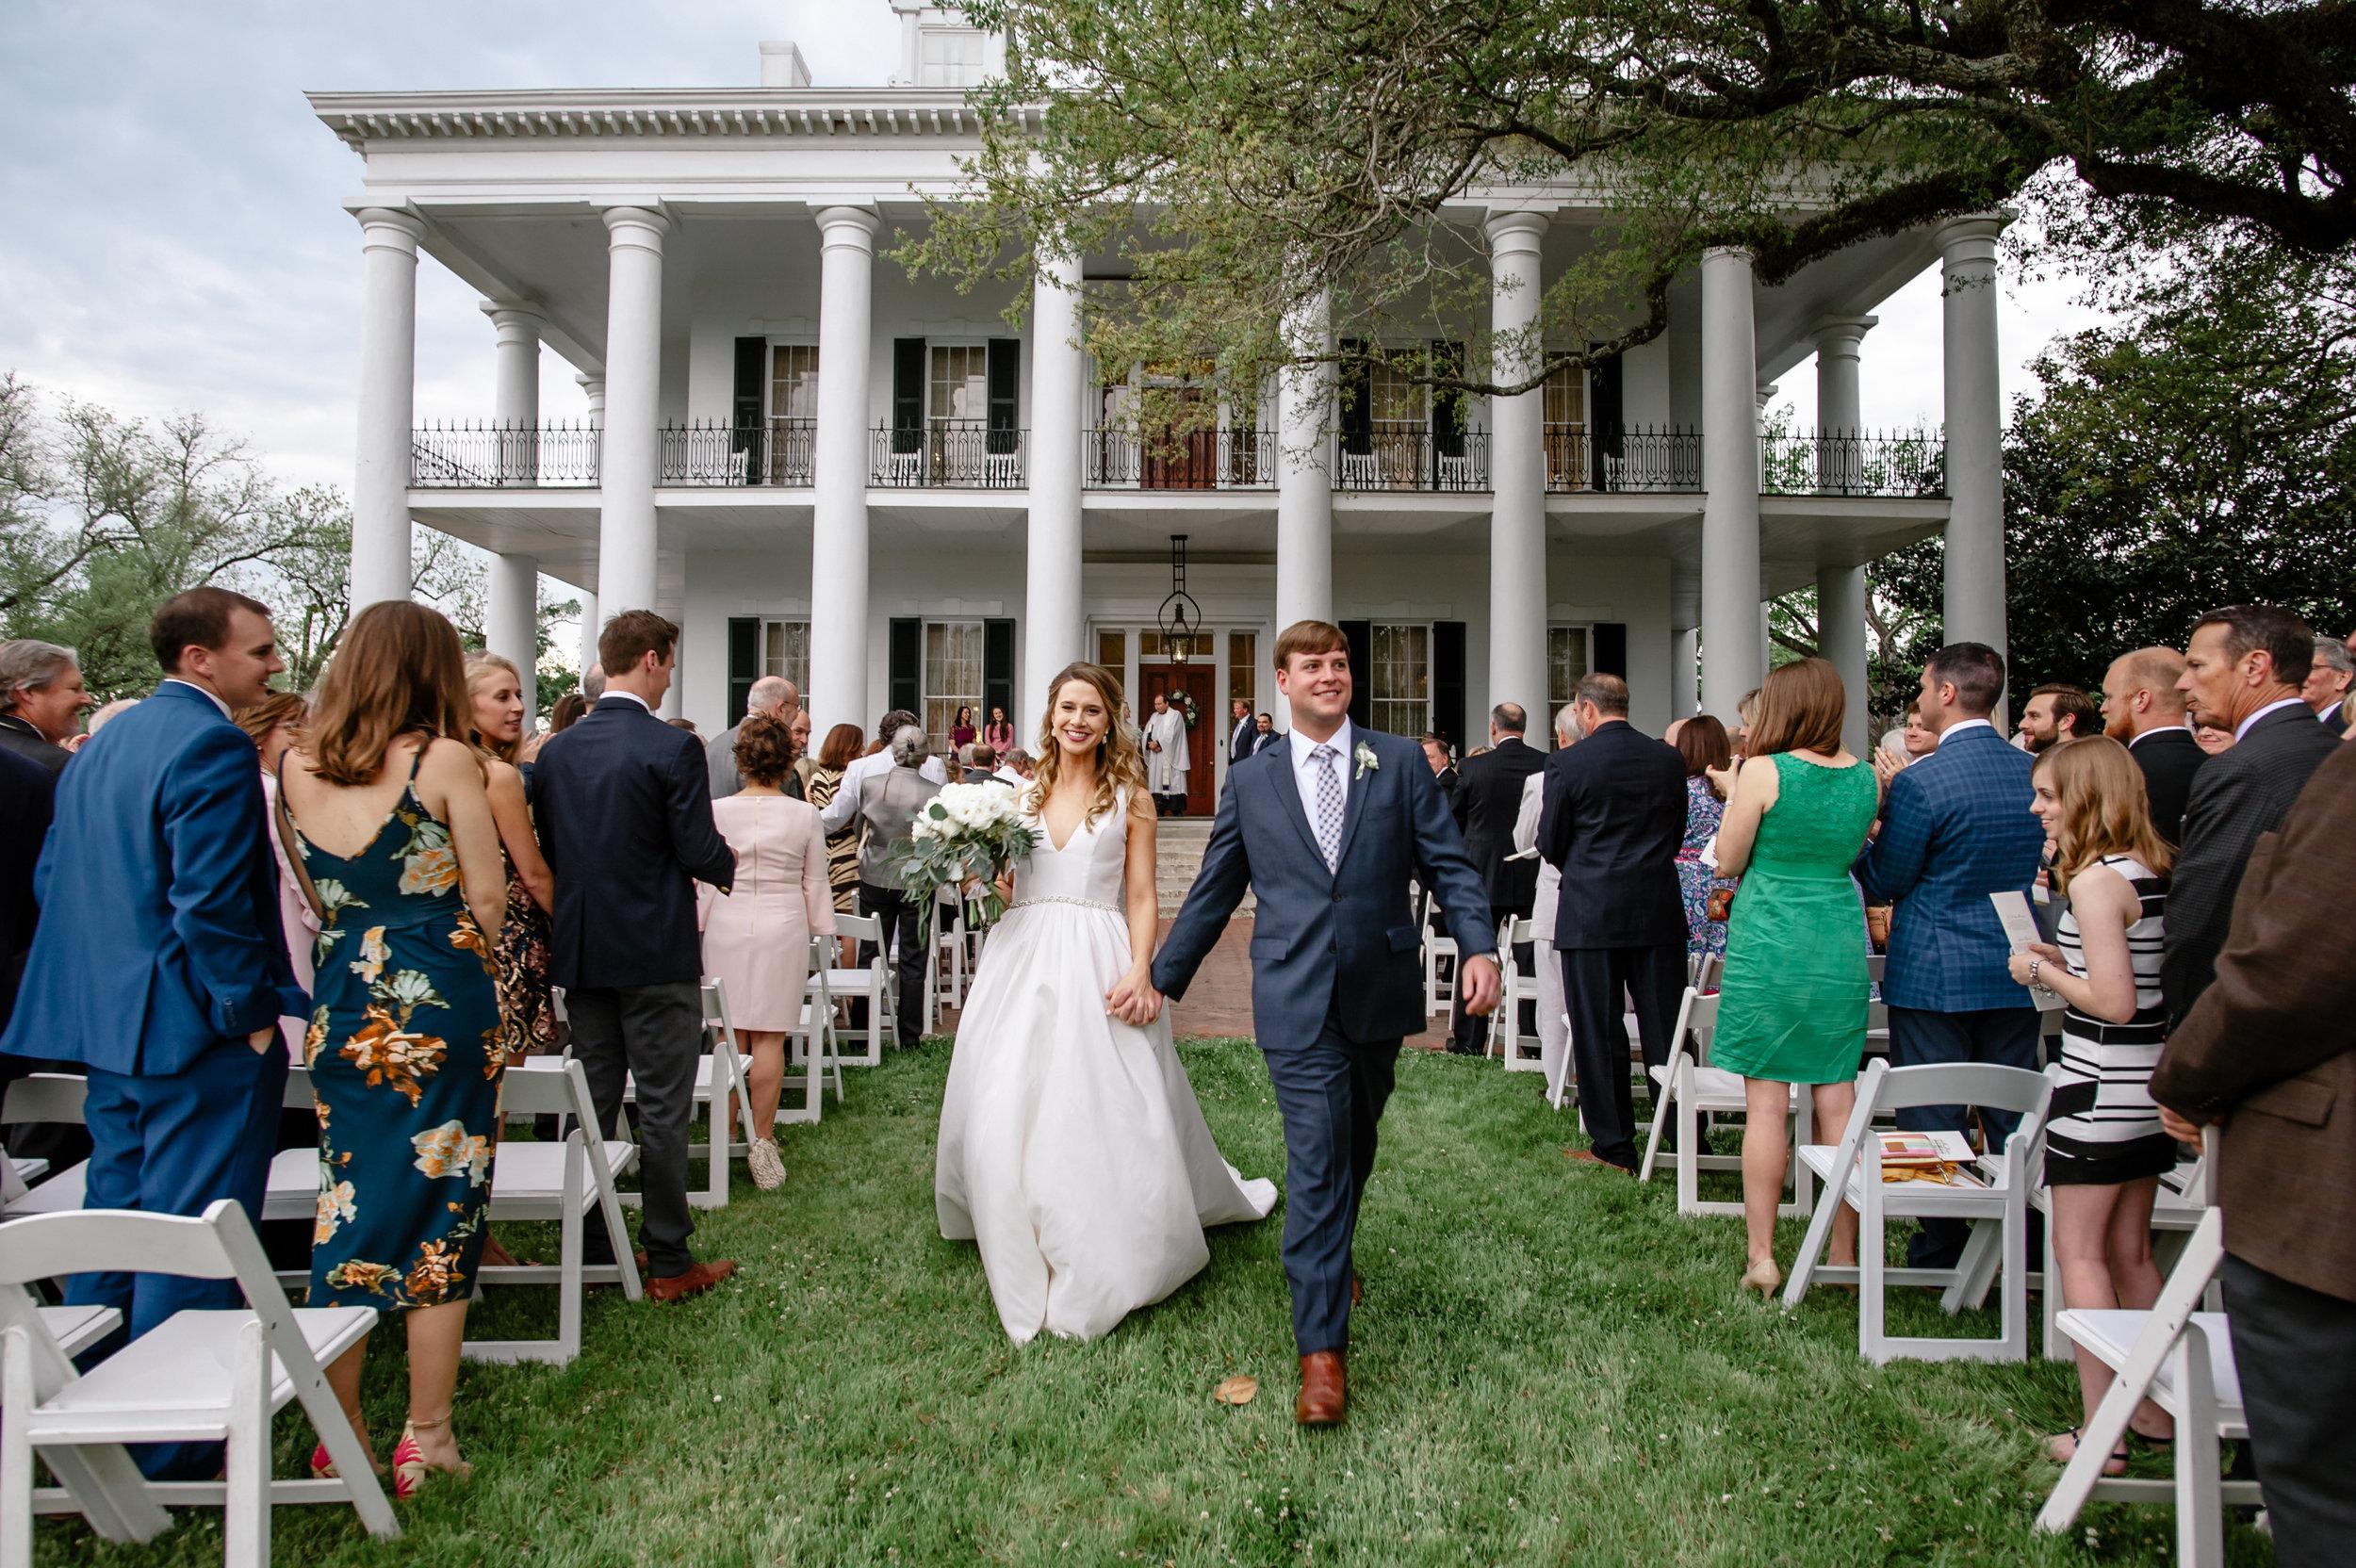 dunleith-plantaion-wedding-Natchez-mississippi